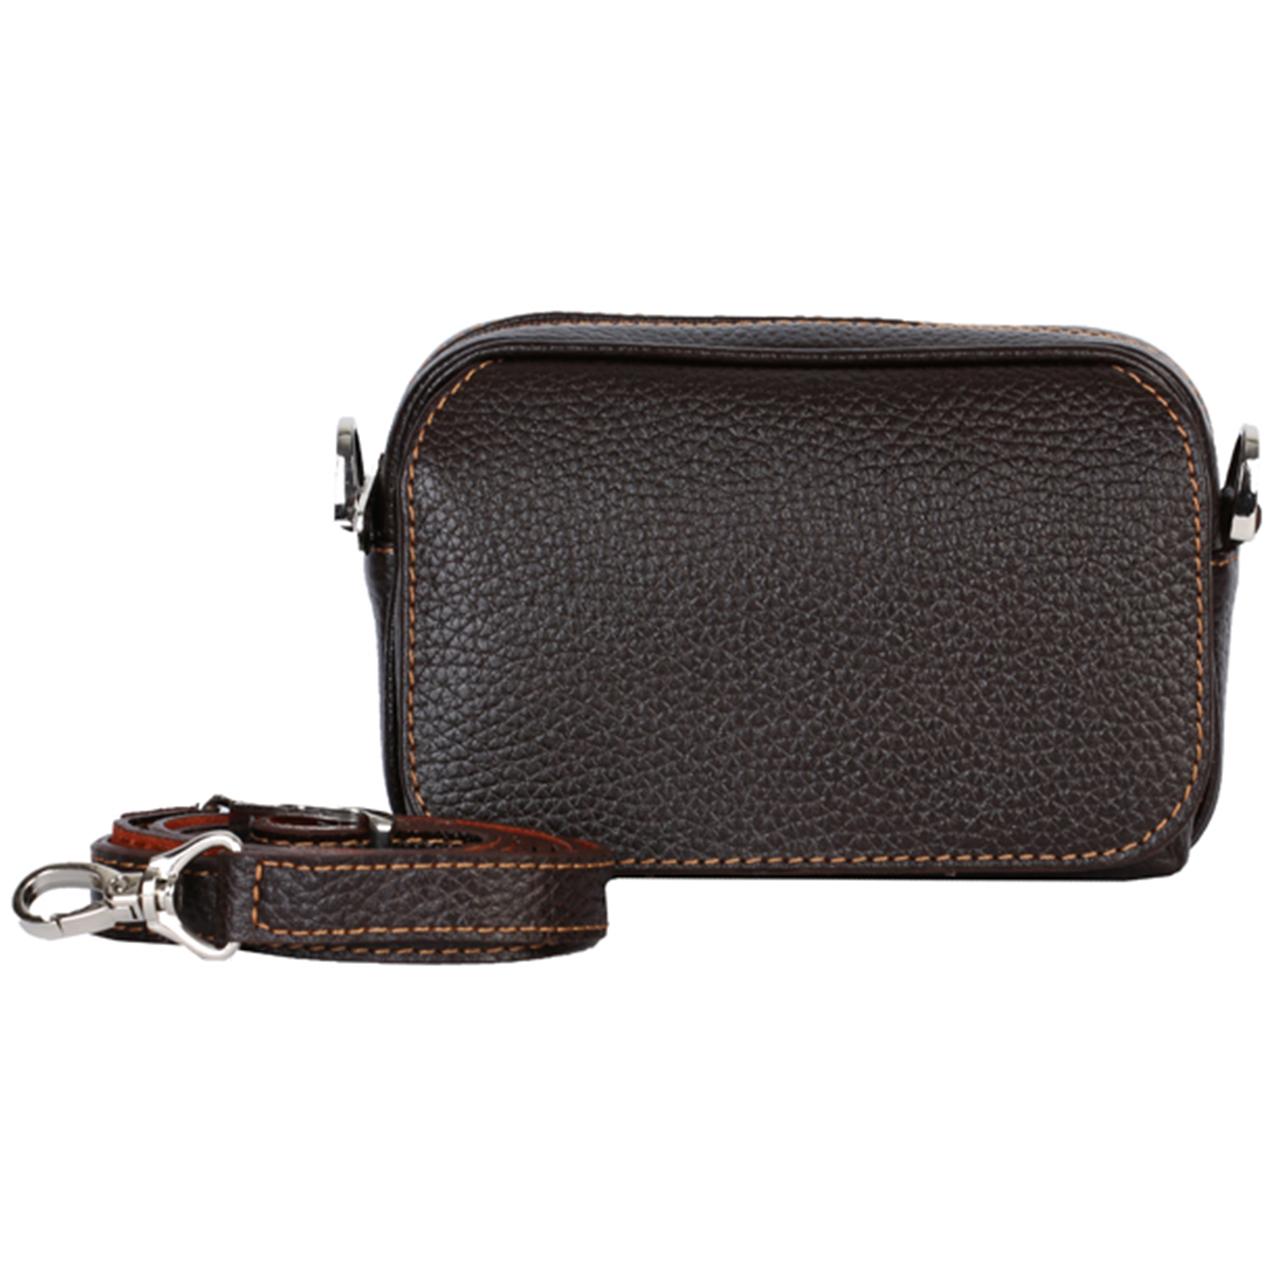 کیف دوشی رویال چرم کدW60-DarkBrown